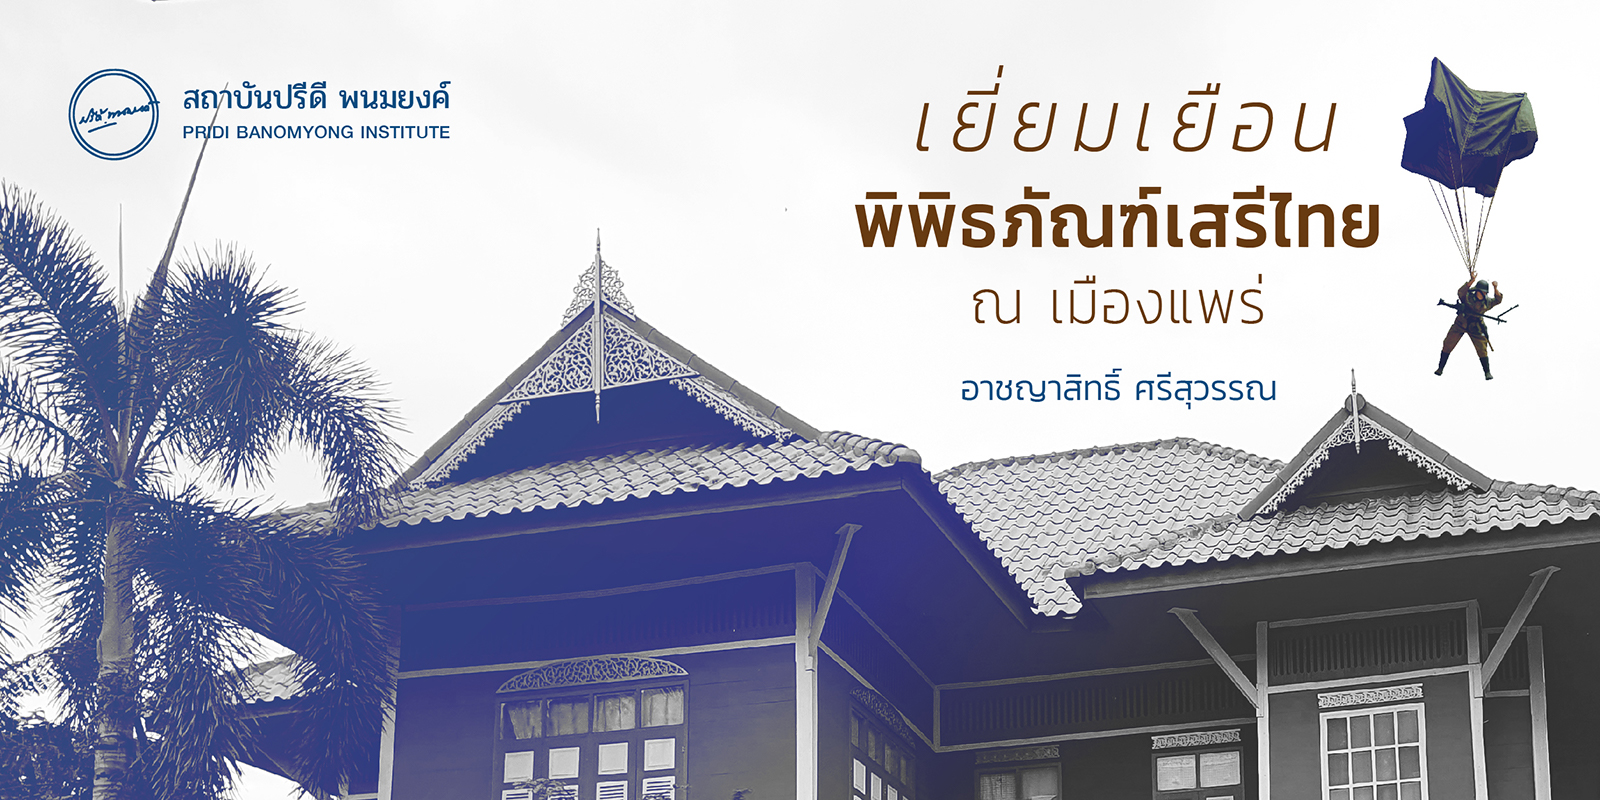 เยี่ยมเยือนพิพิธภัณฑ์เสรีไทย ณ เมืองแพร่ / อาชญาสิทธิ์ ศรีสุวรรณ